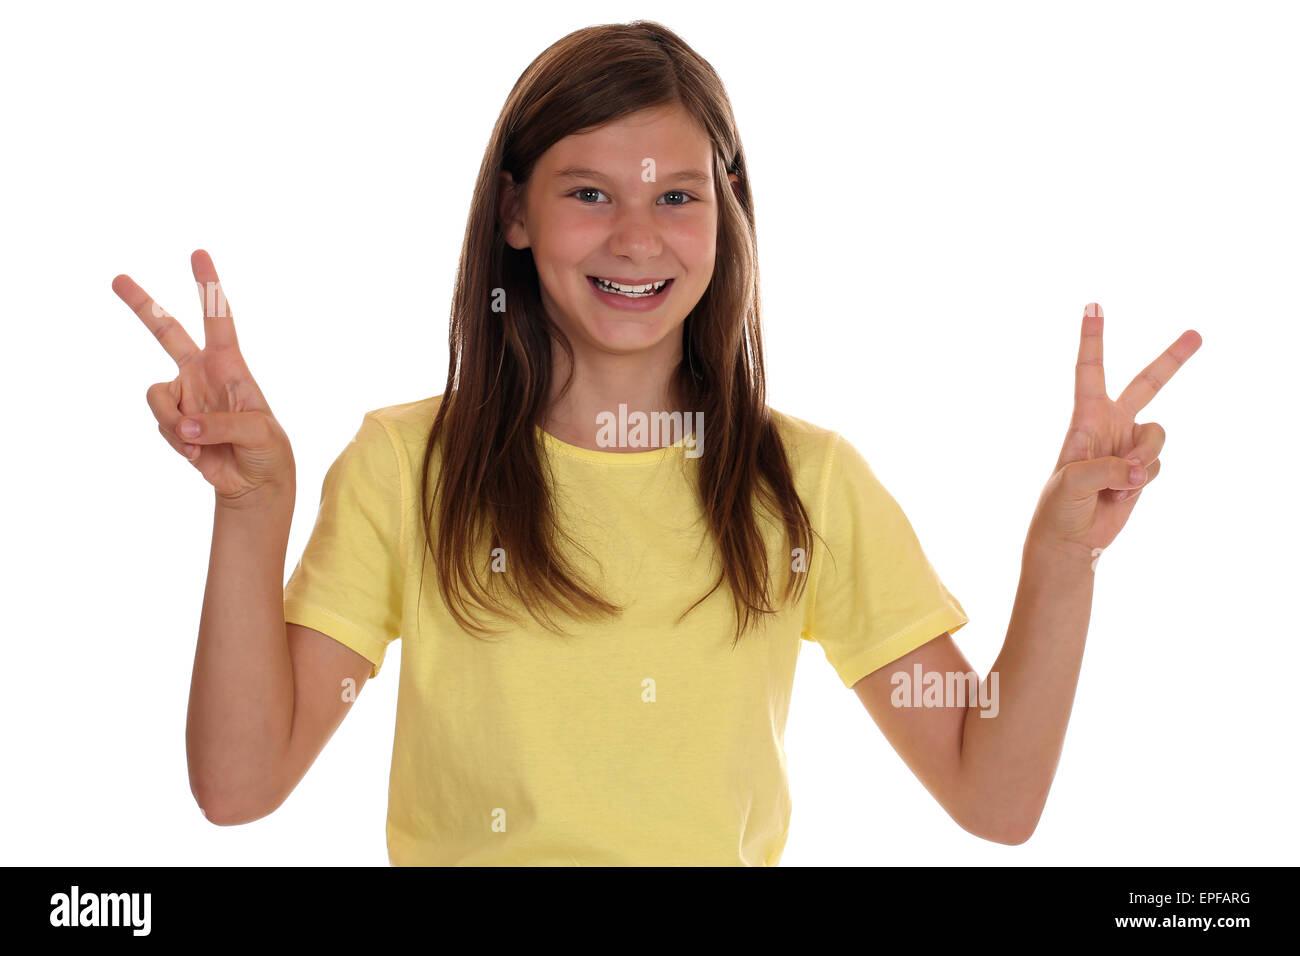 Erfolgreiches Mädchen beim Siegen mit Victory Zeichen - Stock Image